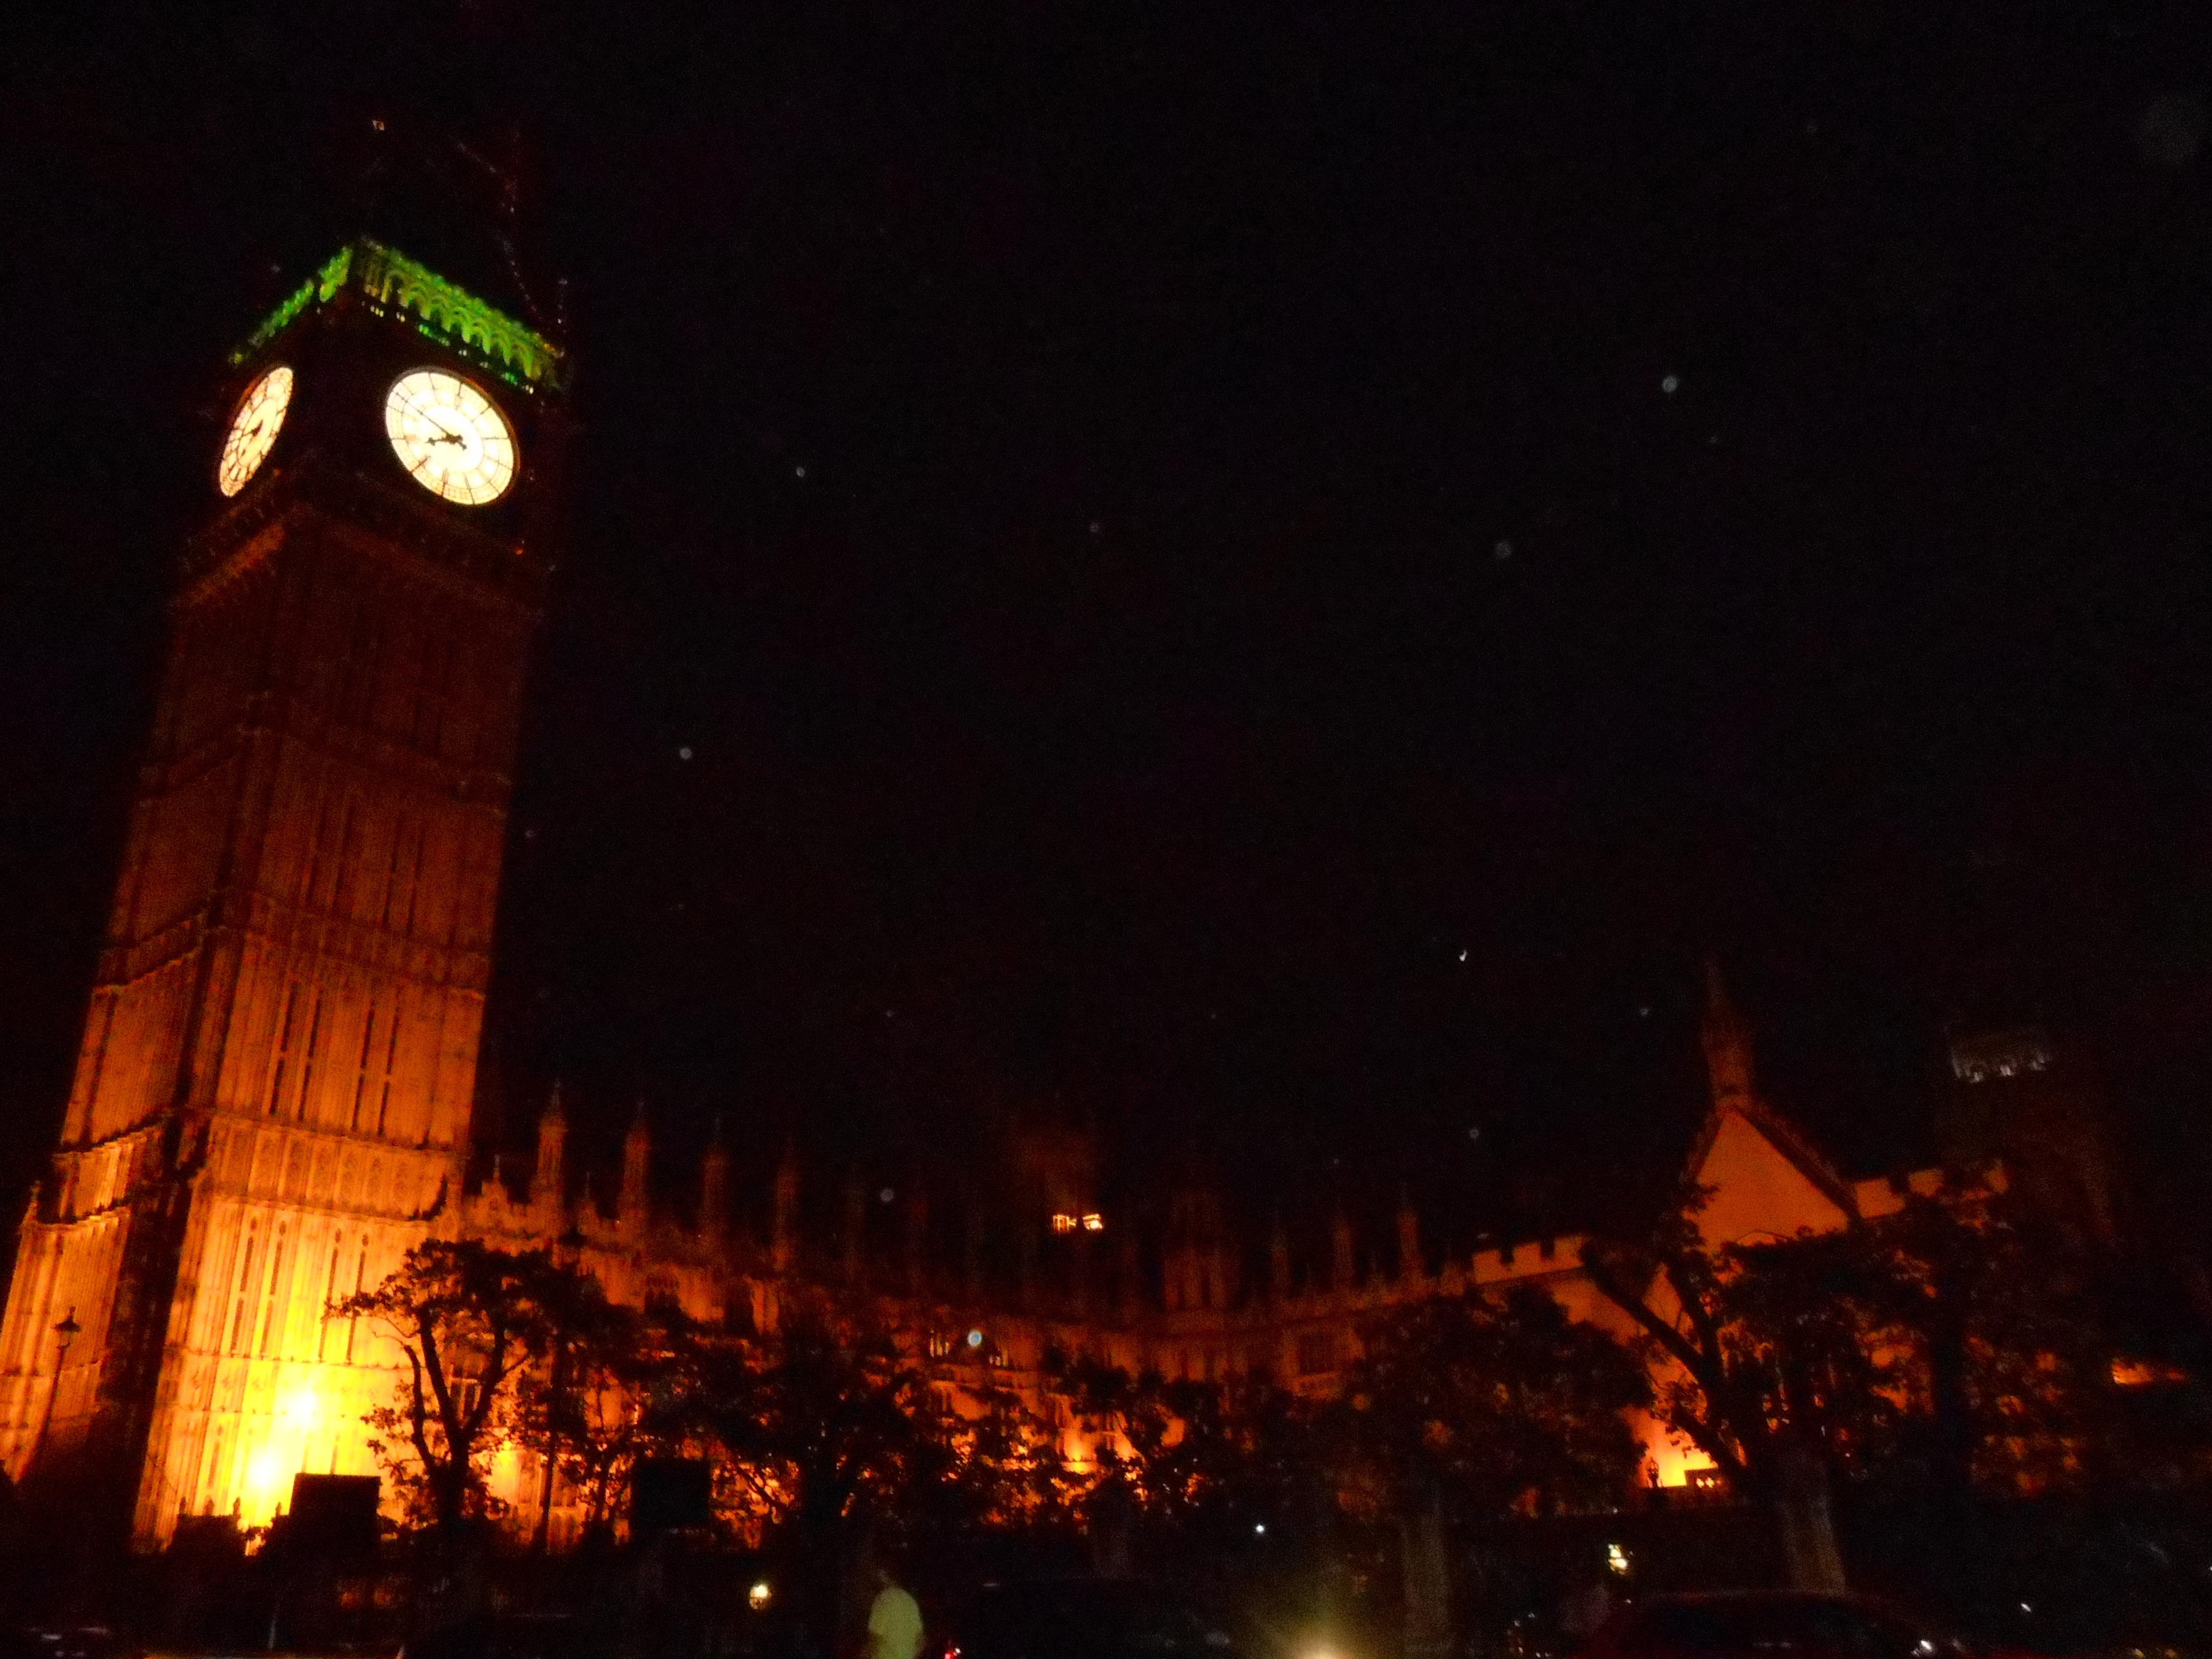 LONDRA - Amare viaggiare low cost